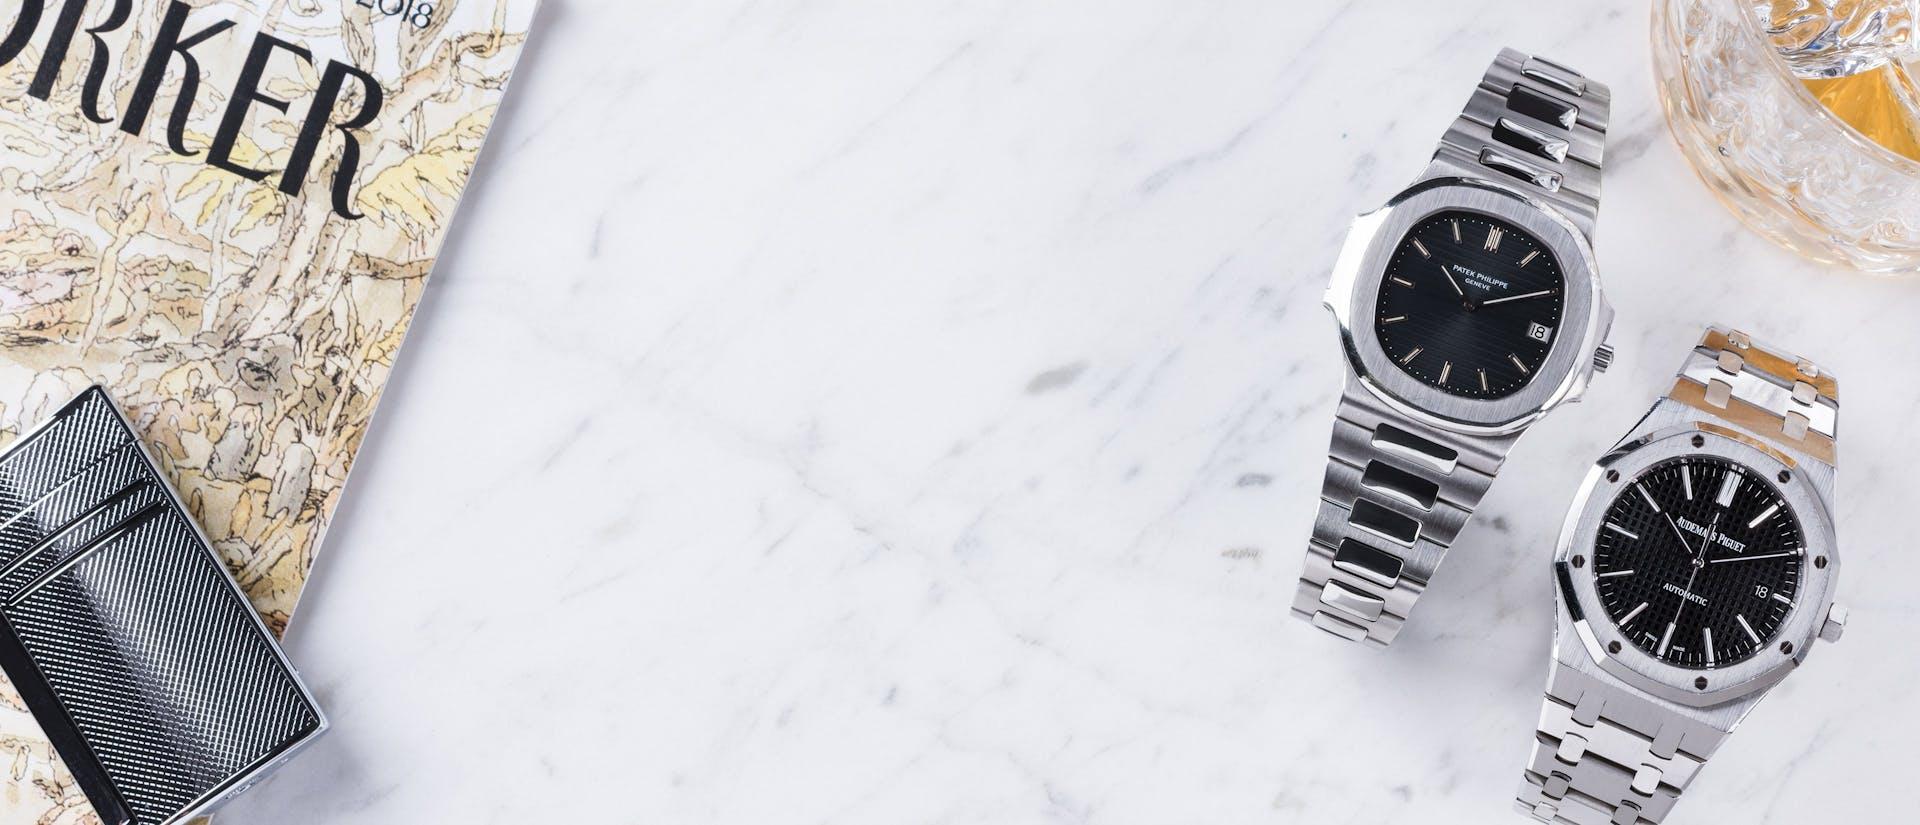 Chrono24  Покупка и продажа часов класса люкс c520a87c34d